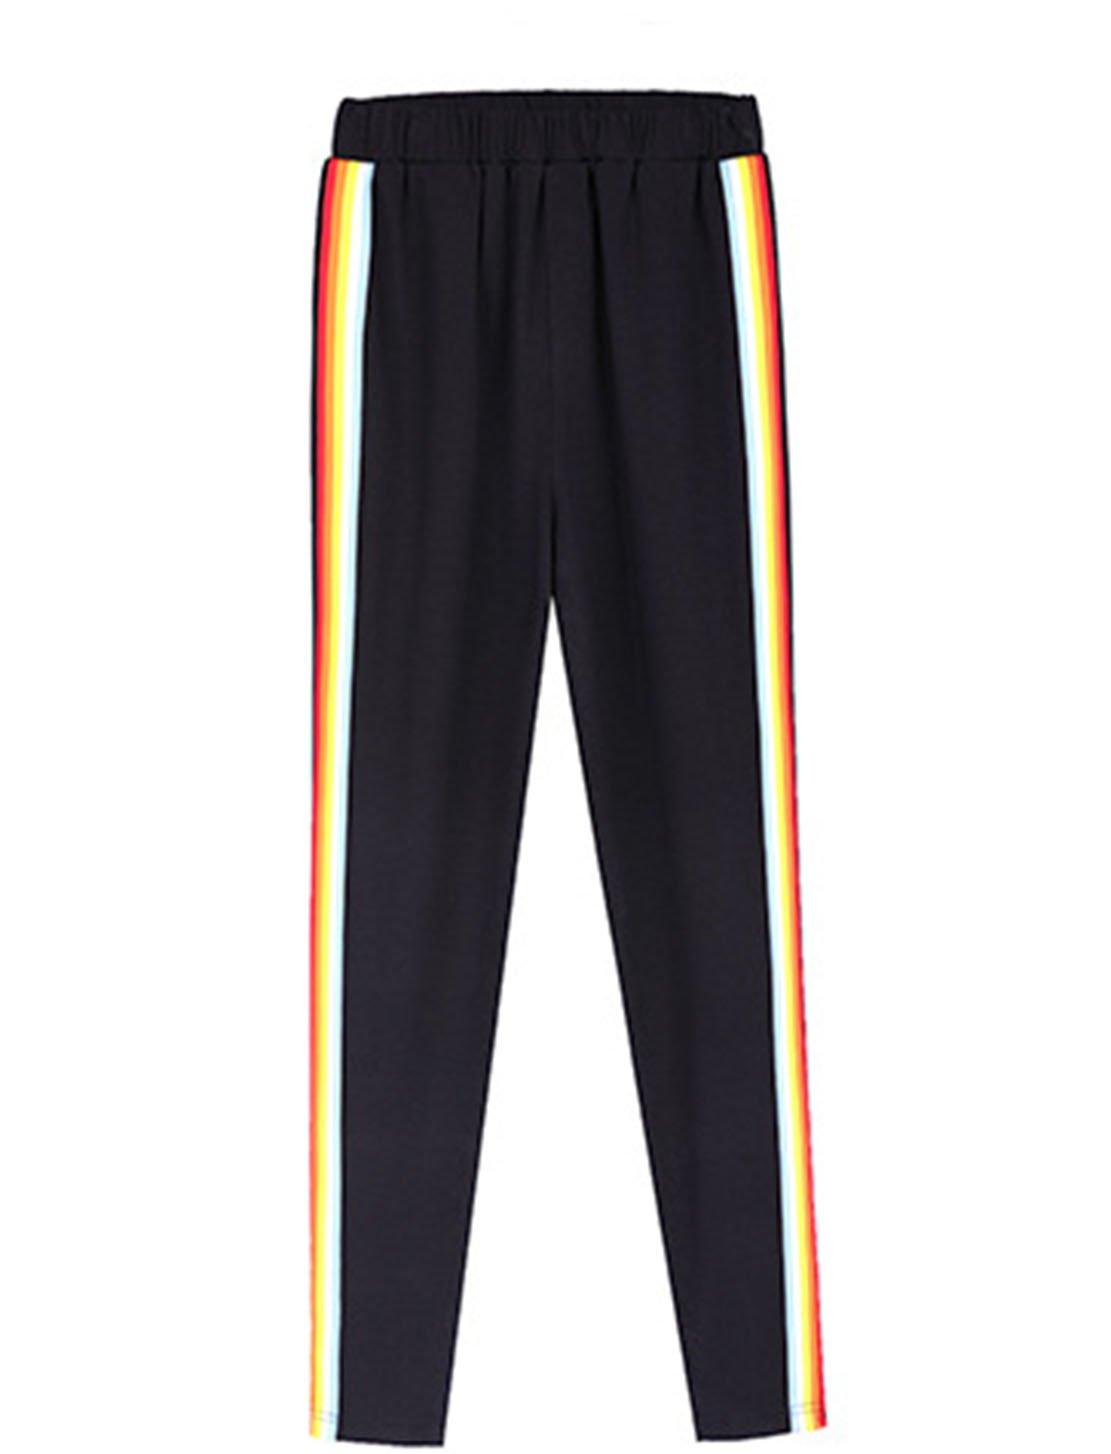 GBT Bande De Couleur Couture Des Pantalons De Sport